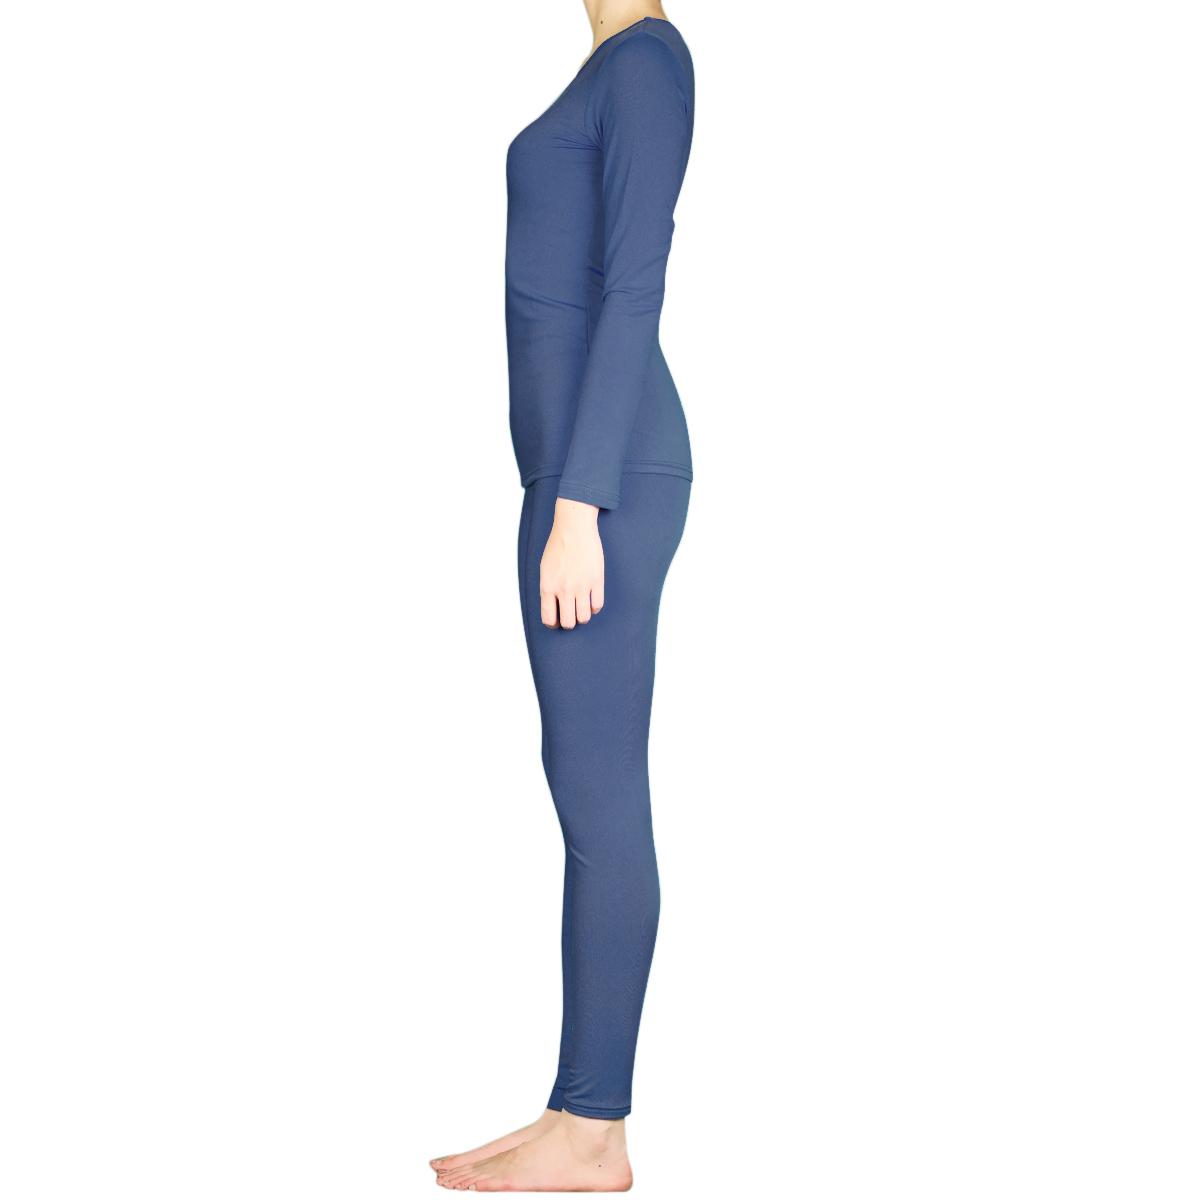 Femme 2pc Microfibre Sous-Vêtements Thermiques Set Long Johns Top Pantalon